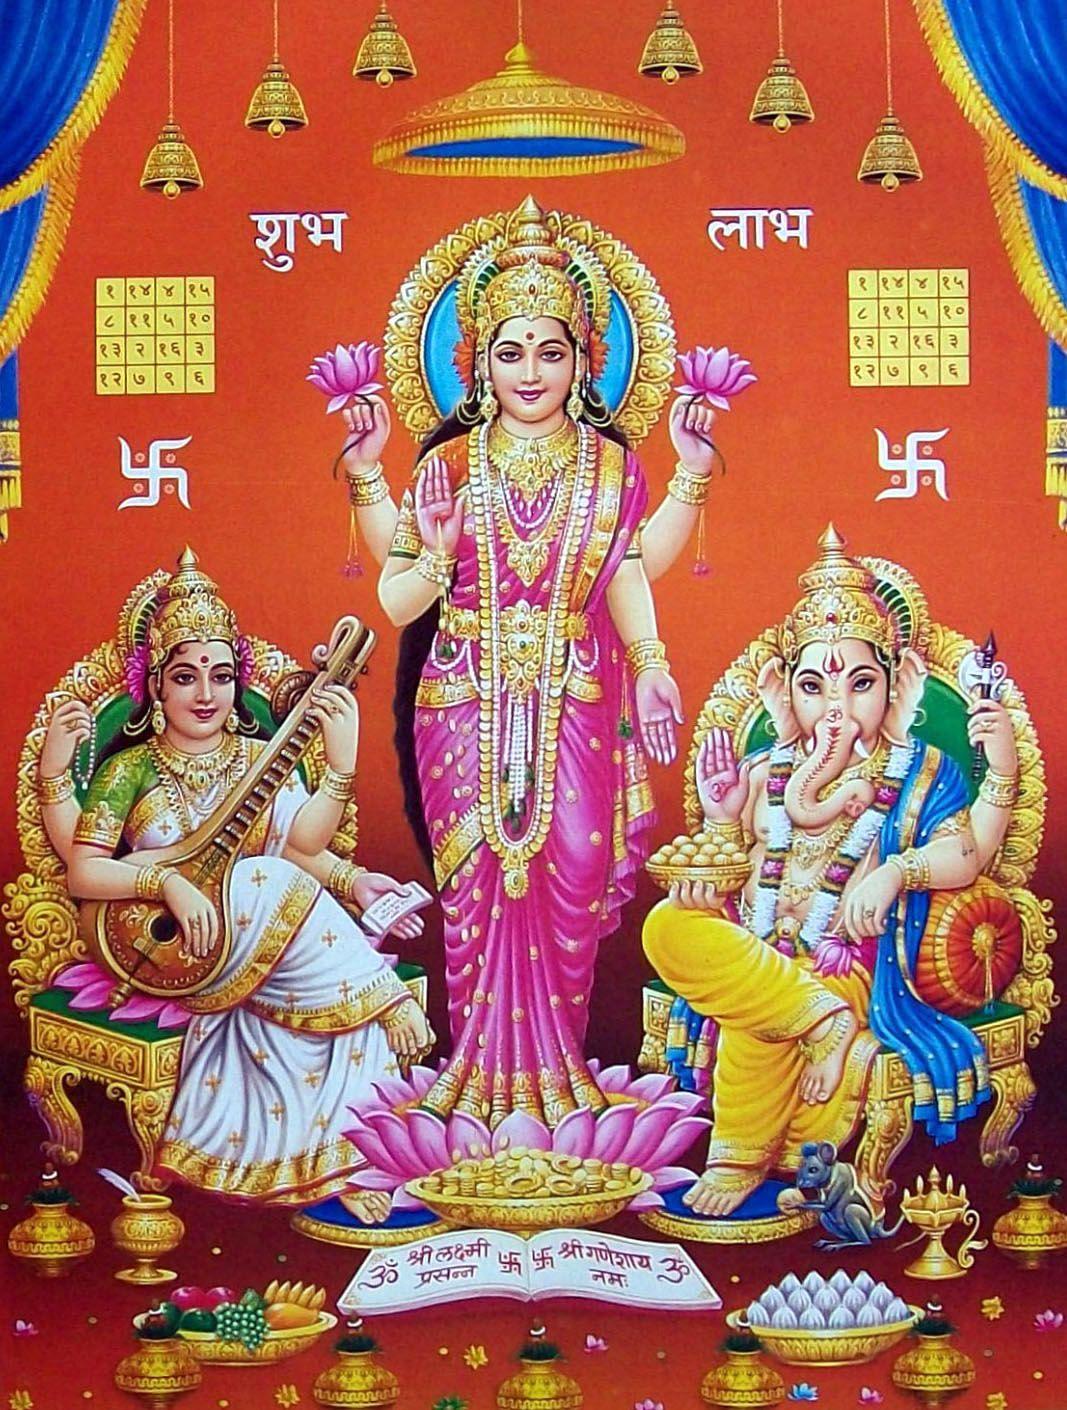 Laxmi Ganesh Saraswati Ganesh Wallpaper Lord Vishnu Wallpapers Ganesh